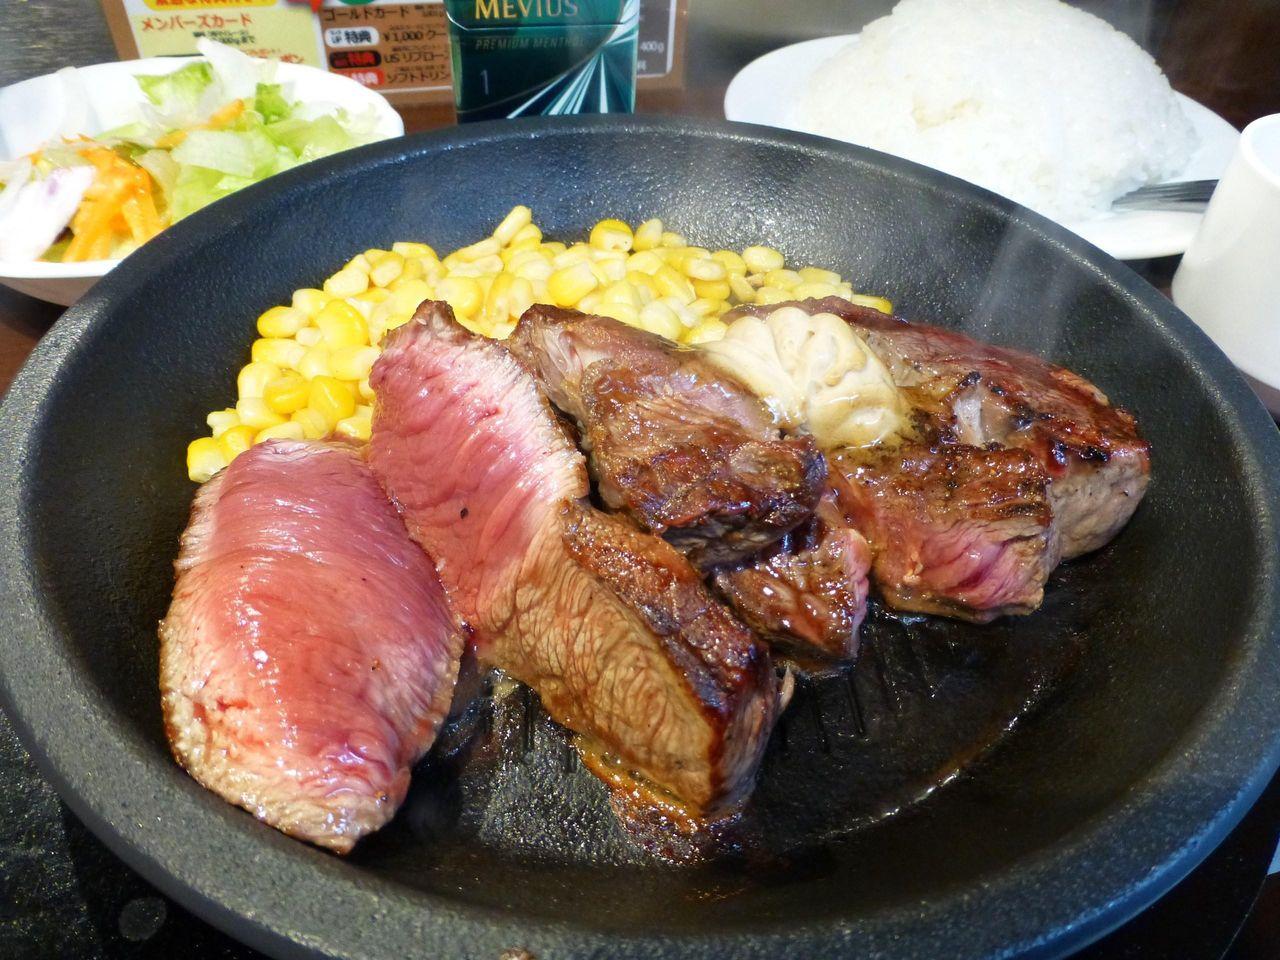 ワイルドステーキは、ぶ厚いステーキをカットして提供されます!